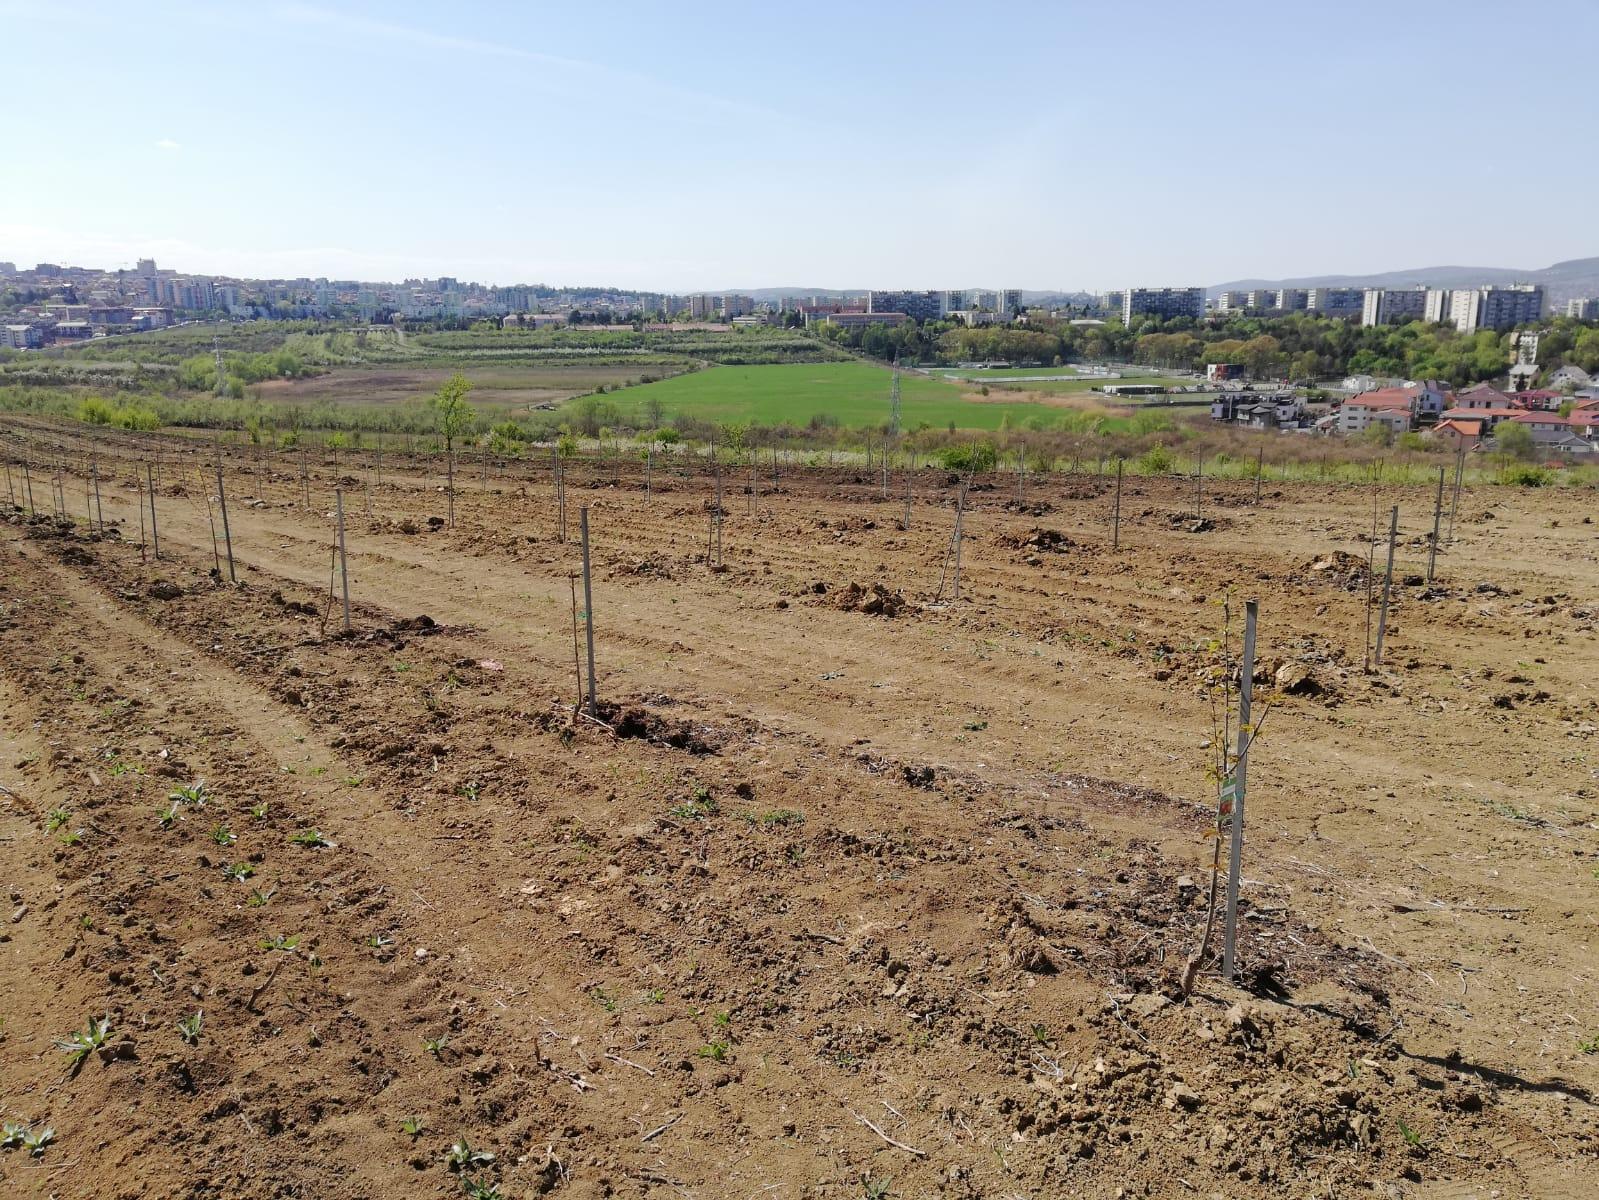 După 24 de ani, plantație de cireși și pruni înființată pe 3.5 hectare, la Stațiunea de Cercetări Horticole din cadrul USAMV Cluj-Napoca